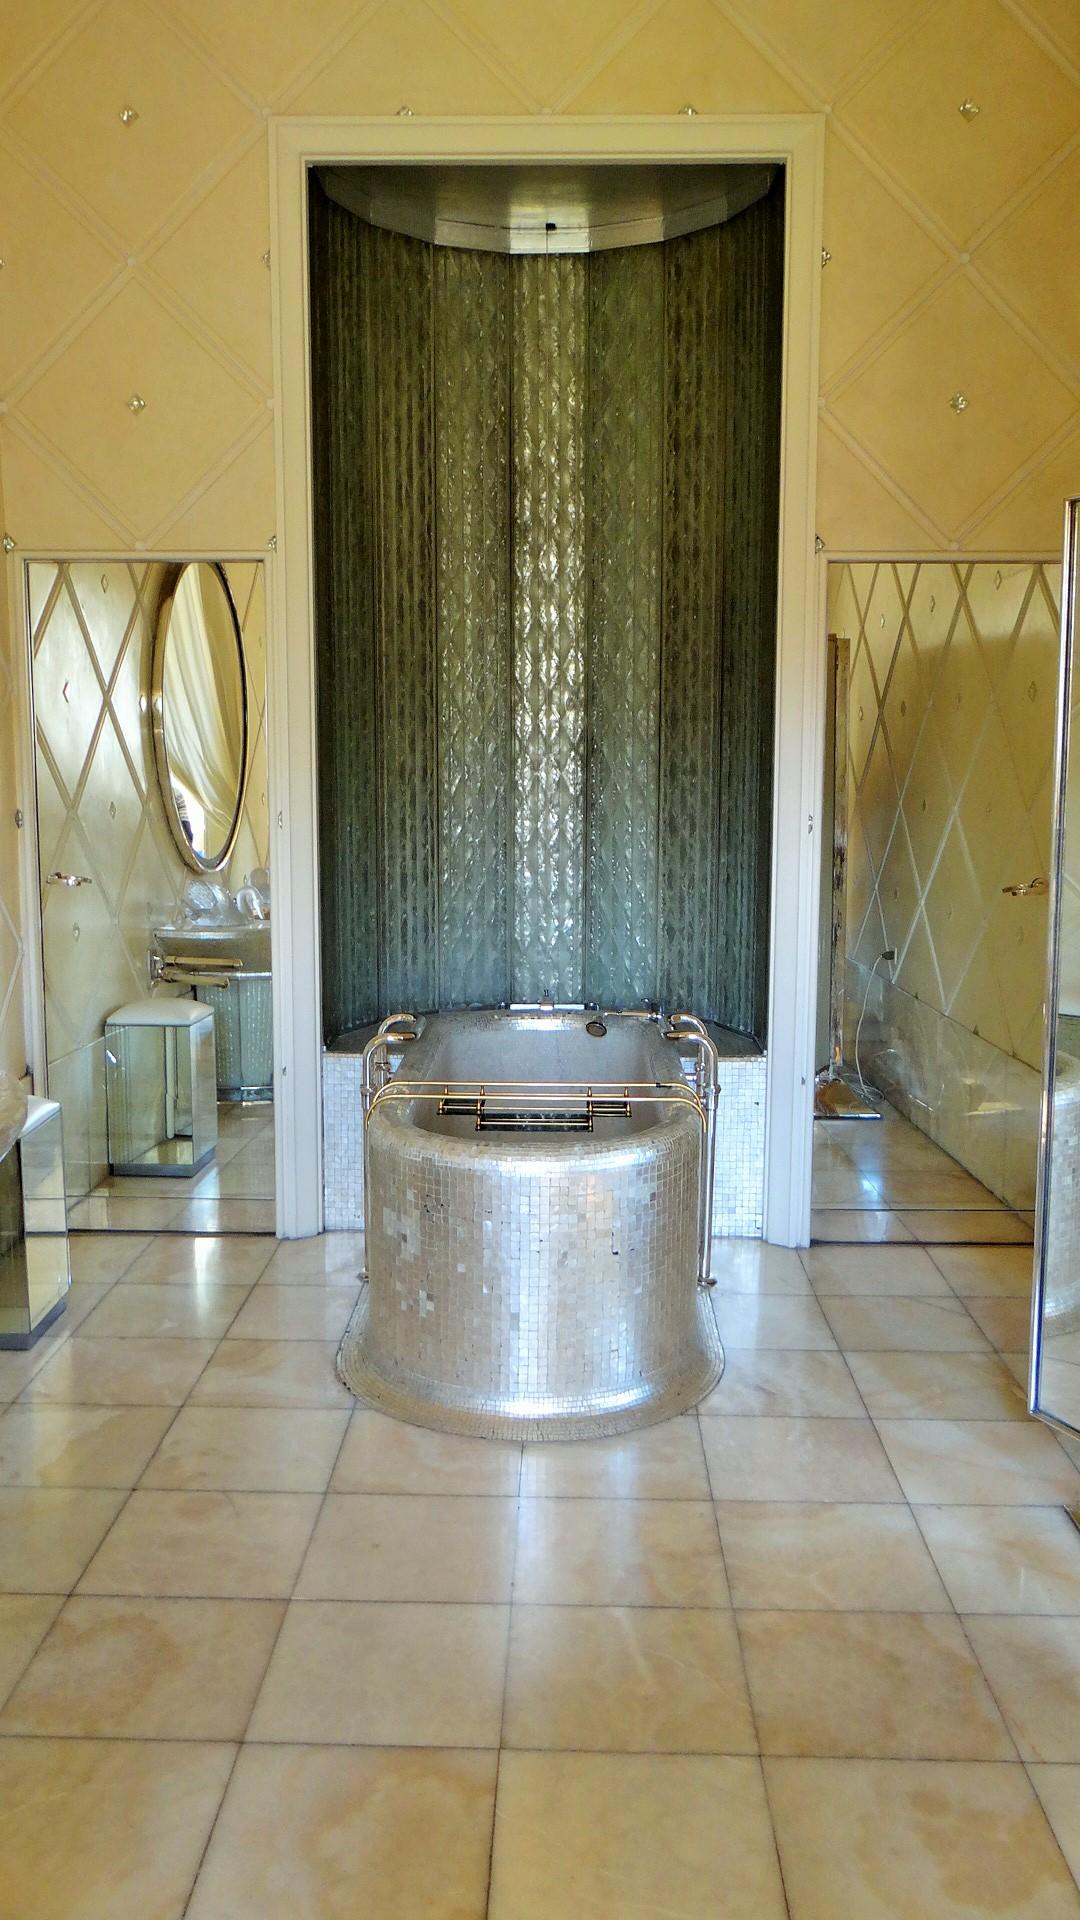 Salle De Bain 2017 file:salle de bain de la reine de l'hôtel du ministre des